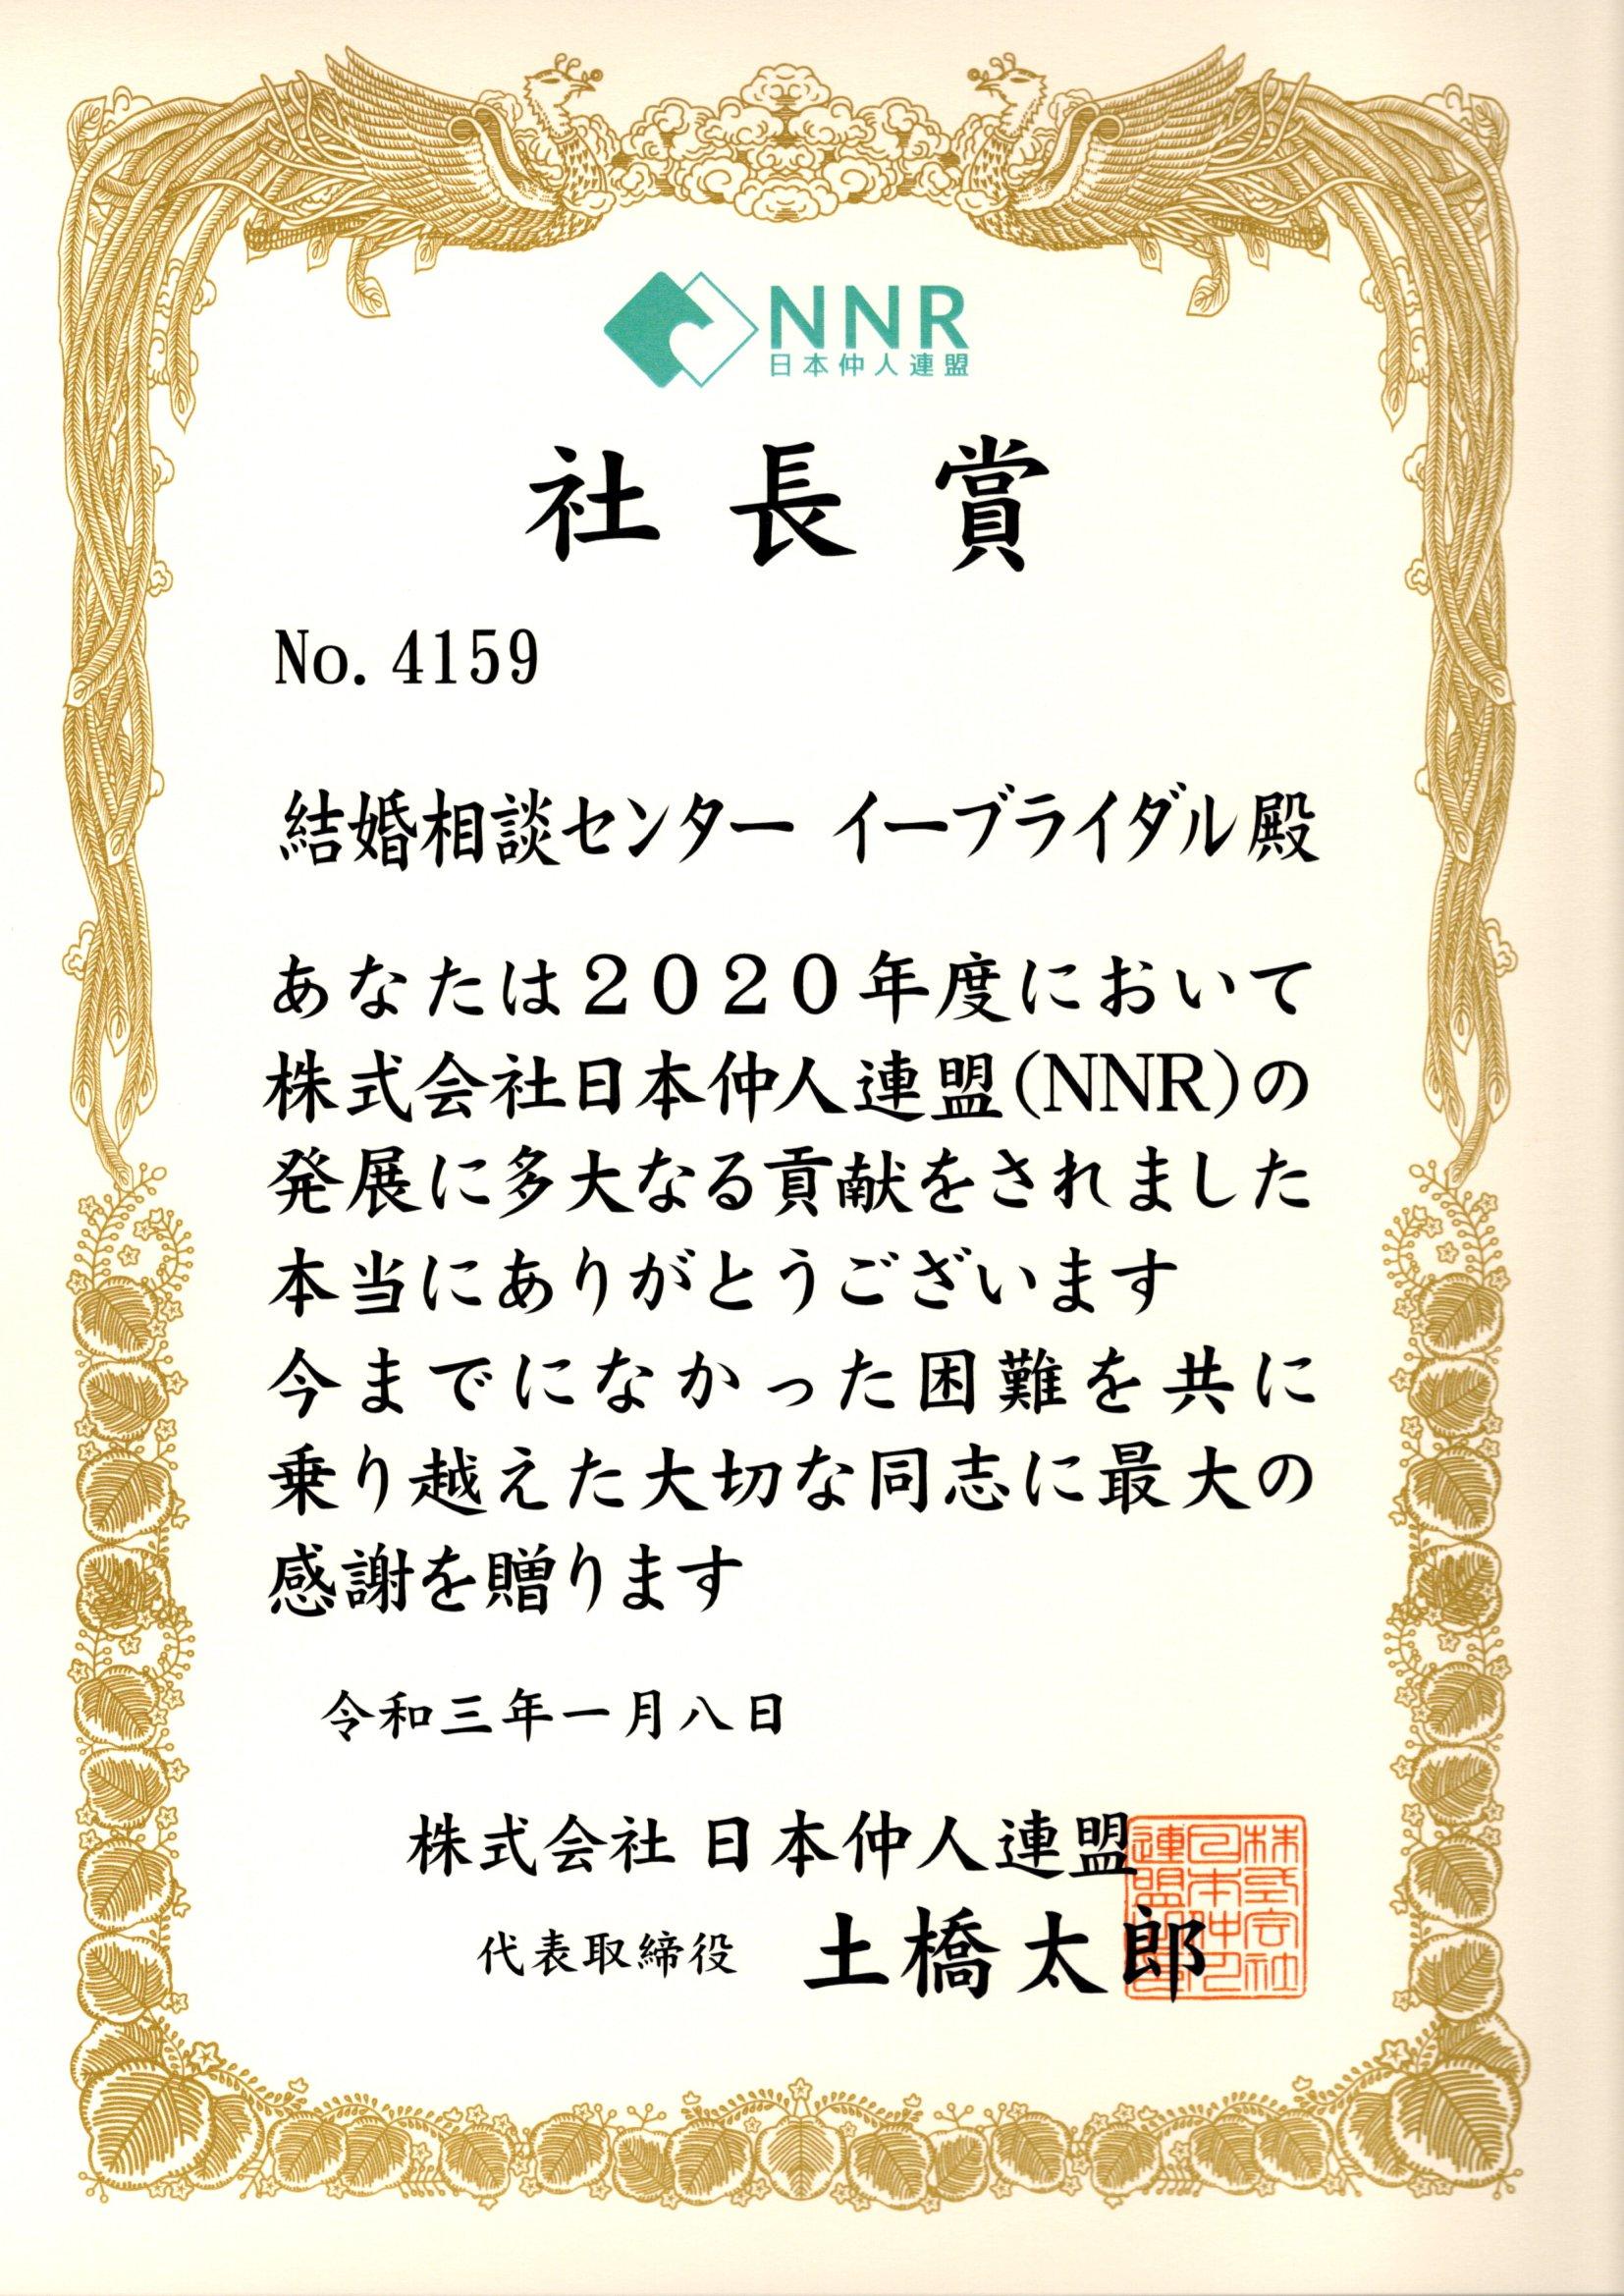 (3)NNR社長賞